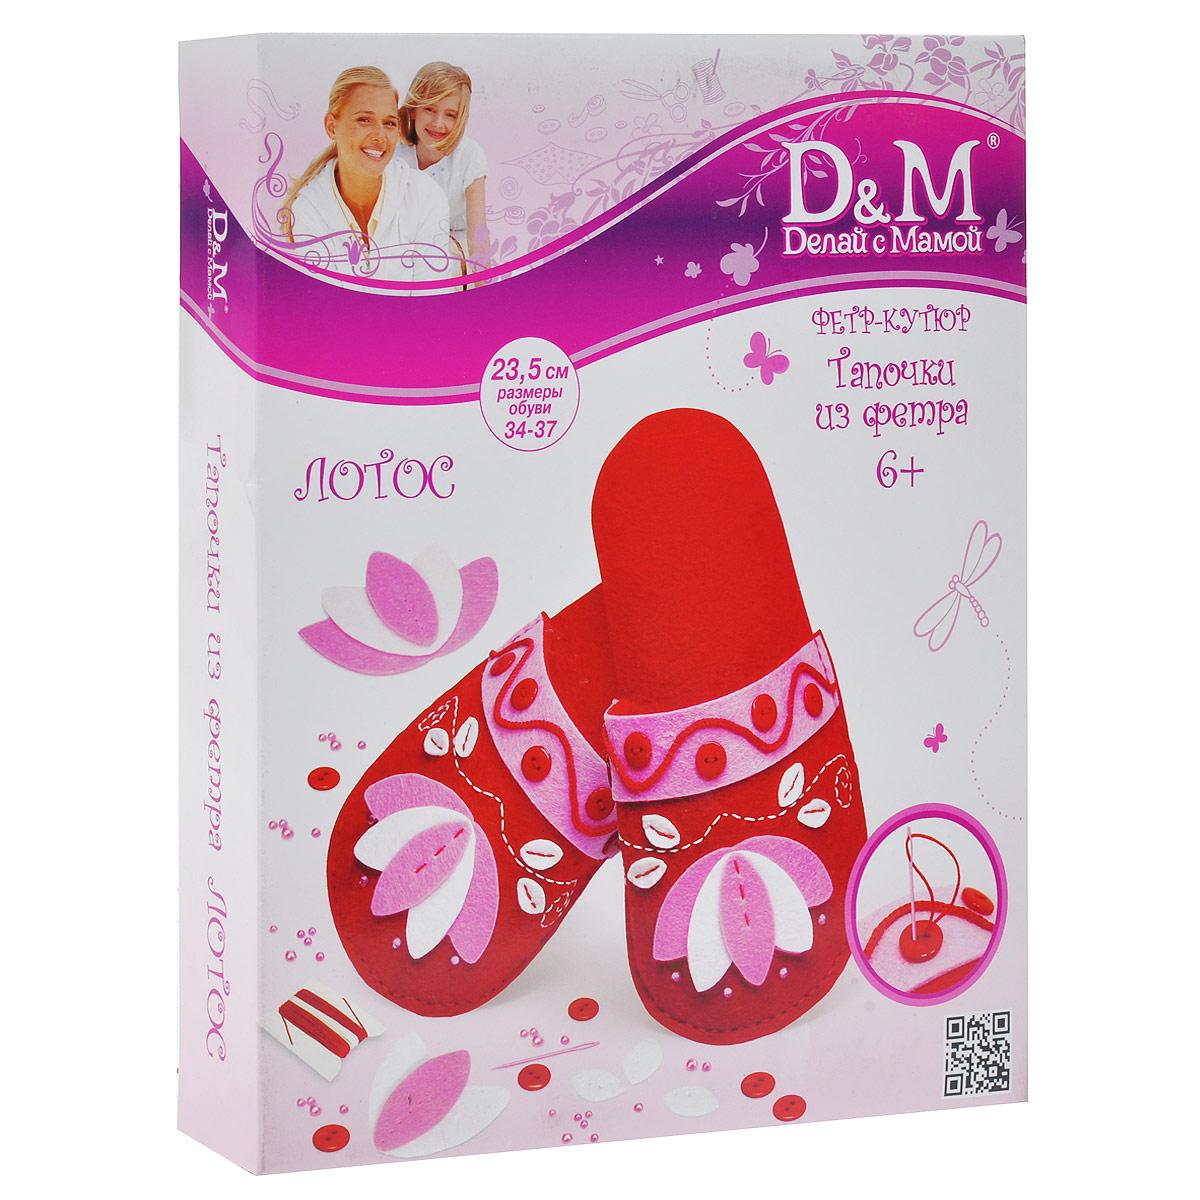 """Набор для создания тапочек D&M """"Лотос"""" позволит вашему ребенку создать уникальные домашние тапочки, украшенные бисером, стразами, пуговицами и аппликациями в виде цветков лотоса. В набор входит все необходимое: фетровые выкройки (толщина 5 мм), фетровые аппликации (толщина 1 мм), пуговицы, стразы, шнурок, нитки, безопасная игла, инструкция на русском языке. Создавая свою собственную домашнюю обувь, любая девочка почувствует себя настоящей рукодельницей и модницей. Такие тапочки станут любимой домашней обувью. Размер: 34/37. Длина стопы: 23,5 см."""